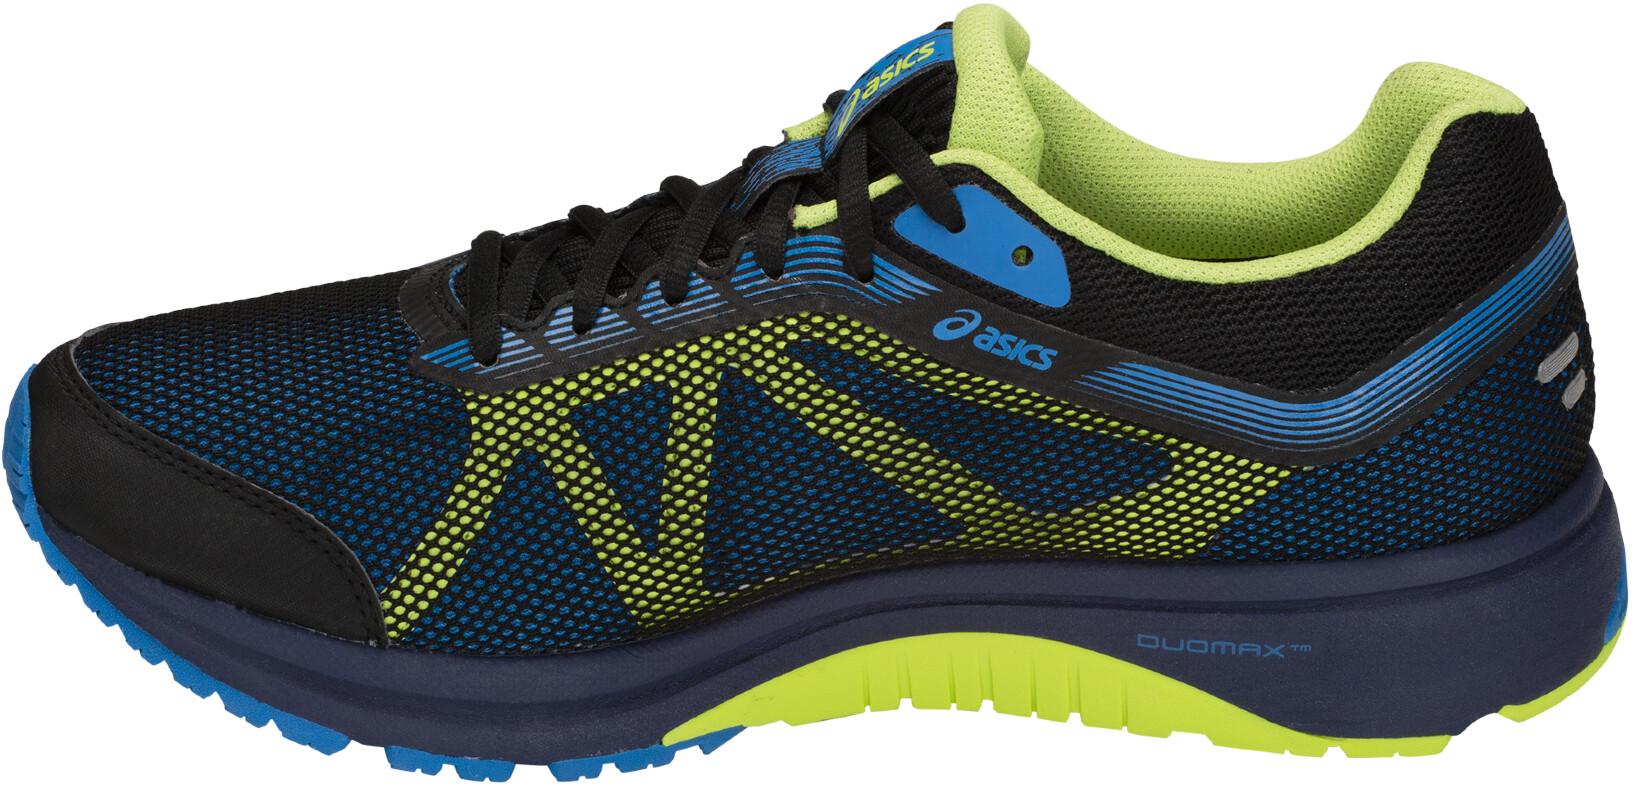 Tx Asics Running 1000 7 Bleunoir Chaussures Gt G Homme BCsQthrdx